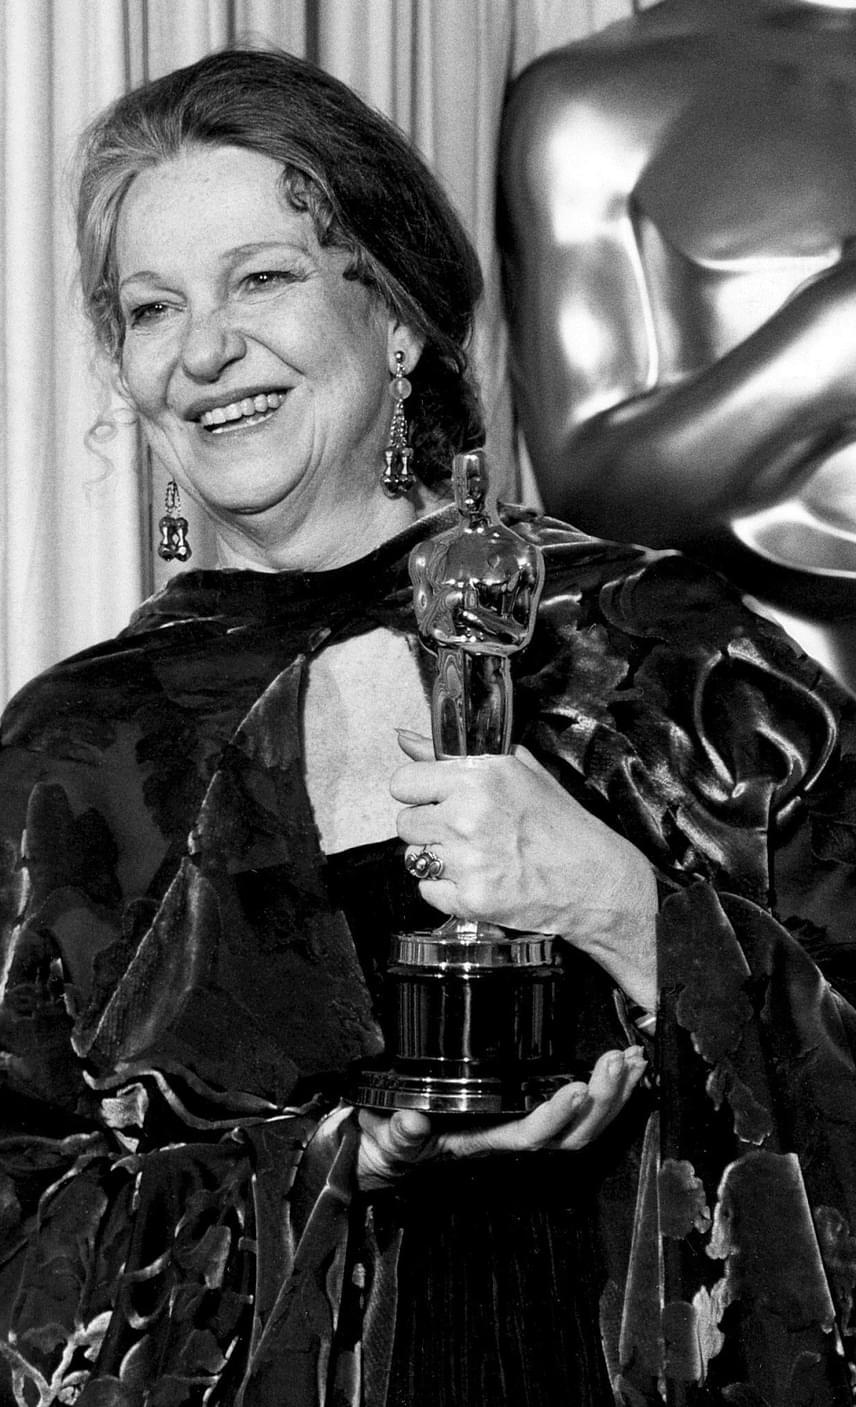 Az 1987-ben elhunyt Geraldine Page élete során összesen nyolc Oscar-jelölést kapott, az aranyszobrot pedig a halála előtt egyetlen évvel vehette át a The Trip to Bountiful című filmért. Először 1954-ben jelölte a Filmakadémia, és az elkövetkező három évtized során még hétszer terjesztették fel a díjra, mire végül átvehette az elismerést.